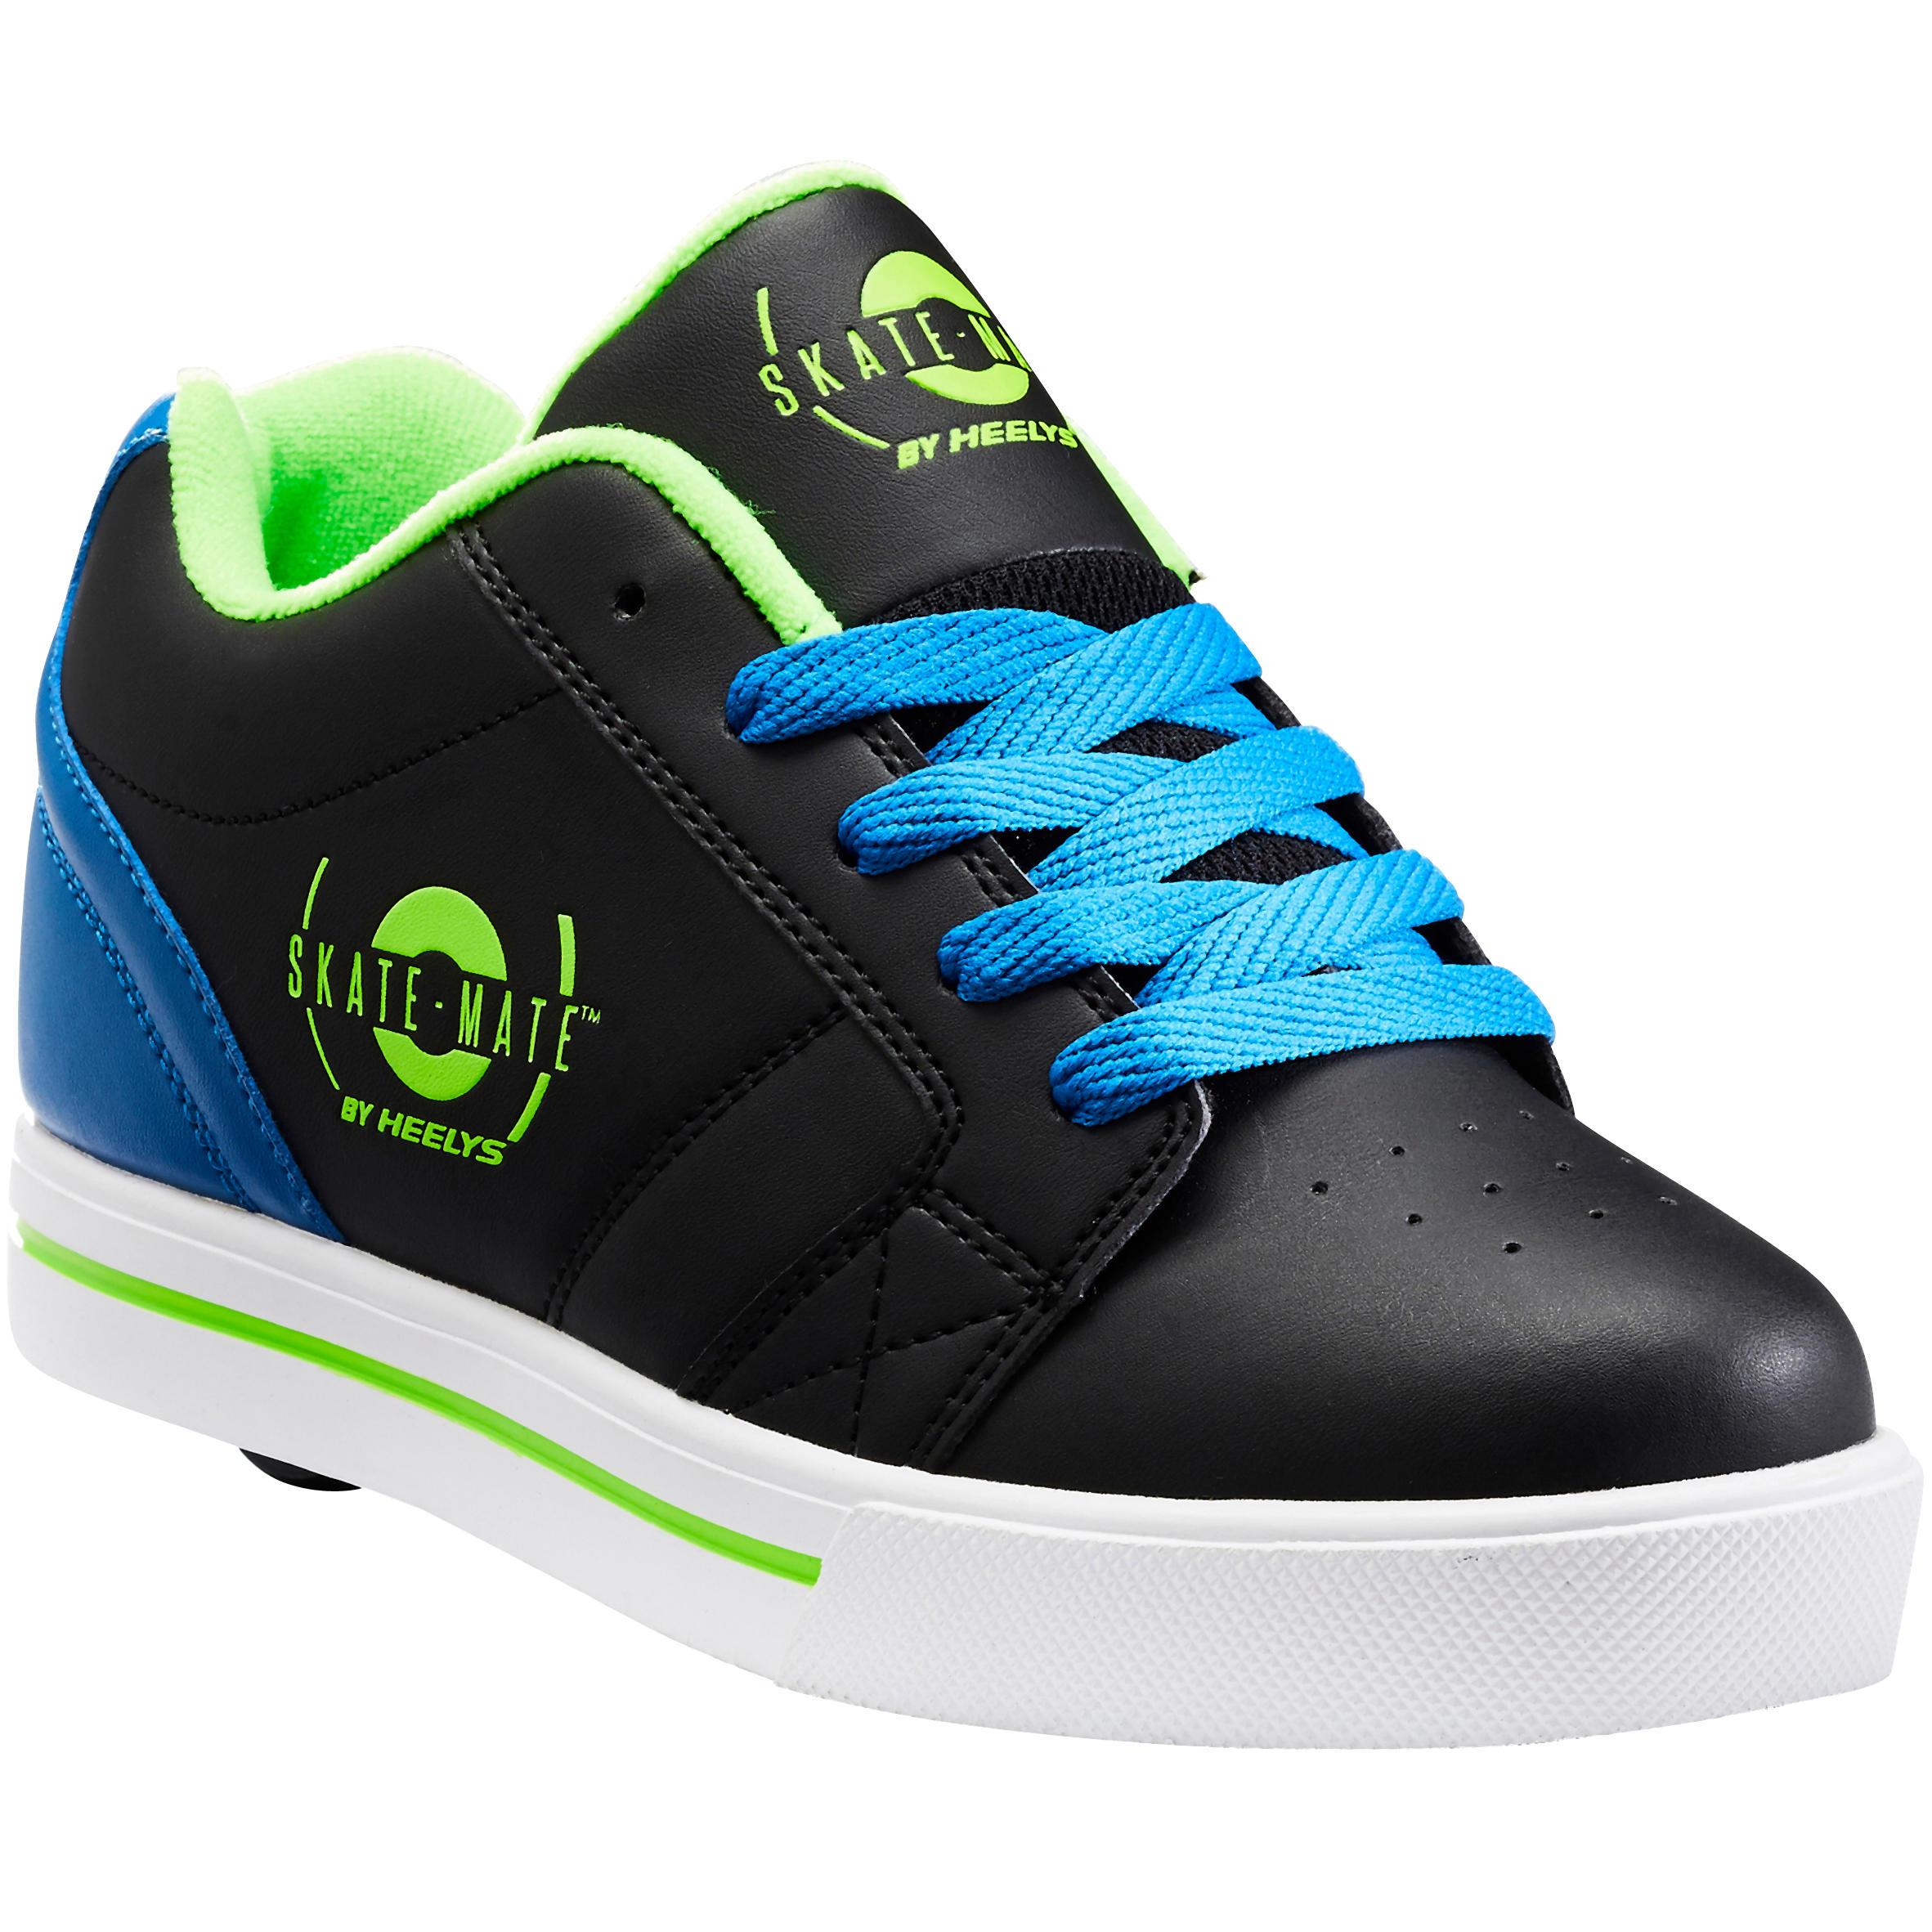 Chaussures heelys skate mate noir bleu une roue heelys